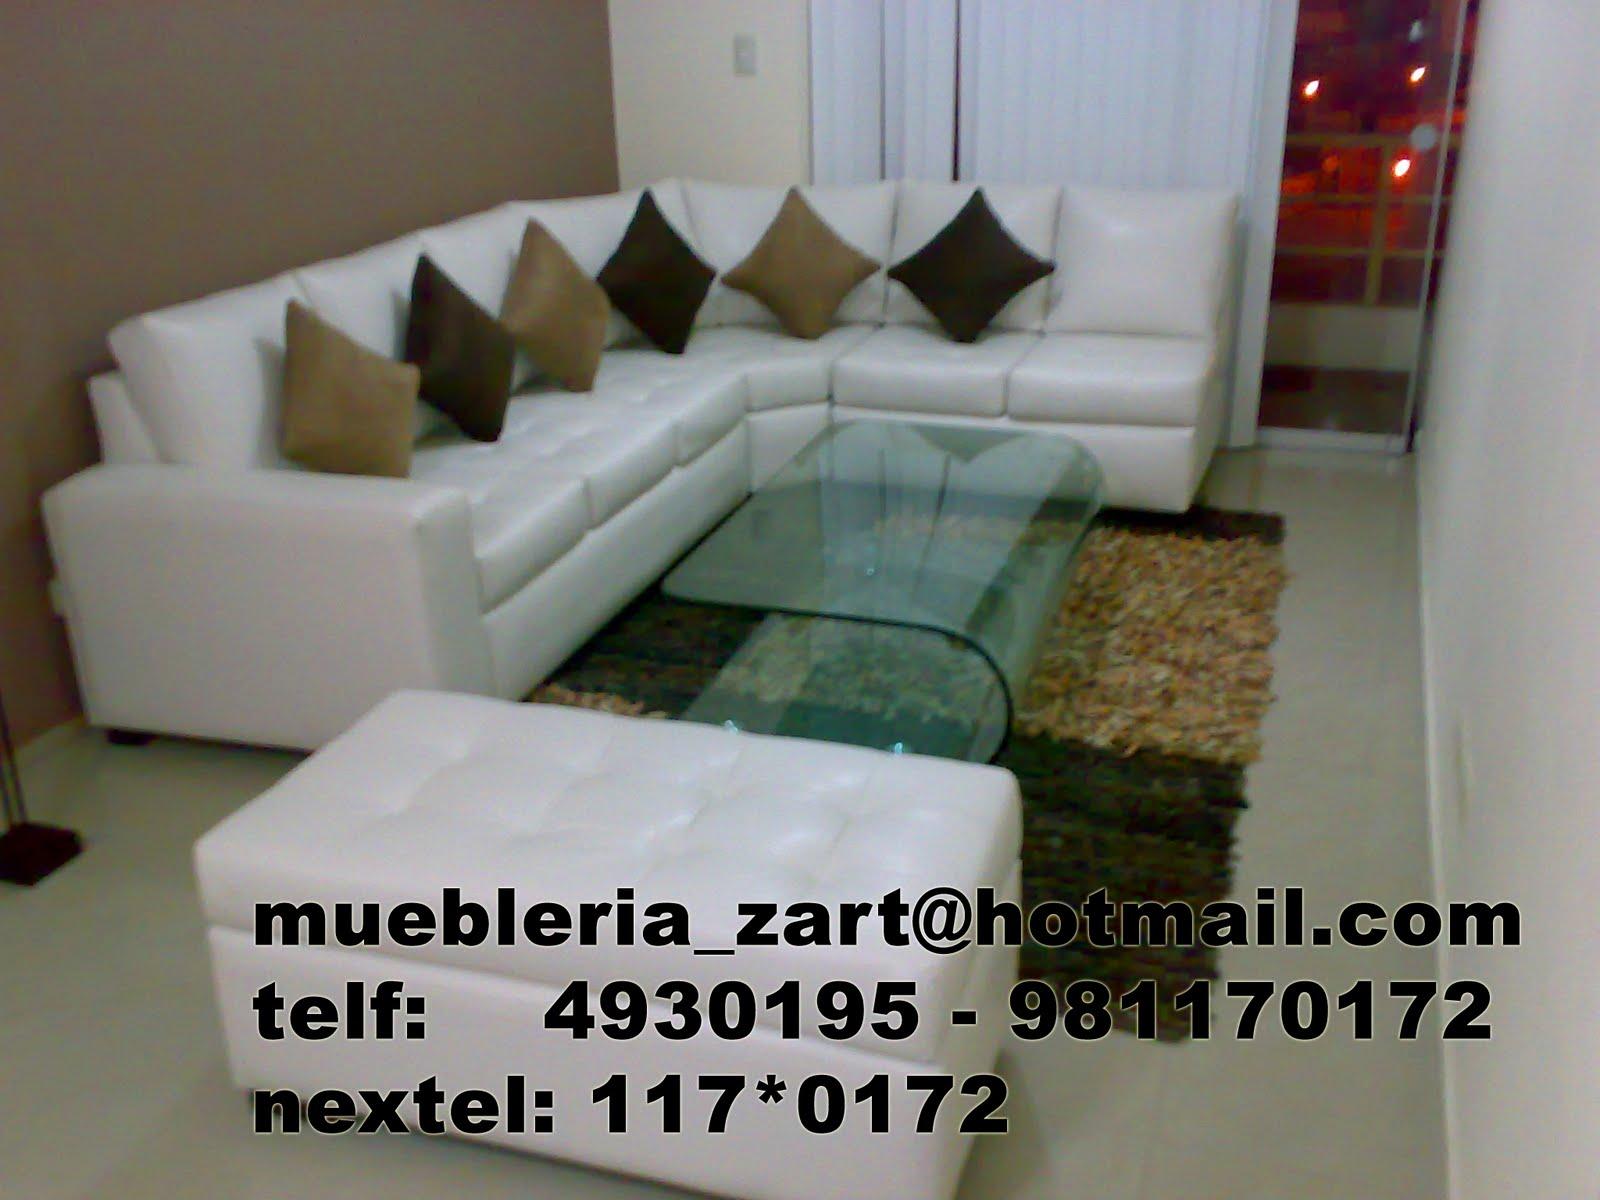 Muebles peru muebles villa el salvador muebles modernos for Fabrica muebles modernos